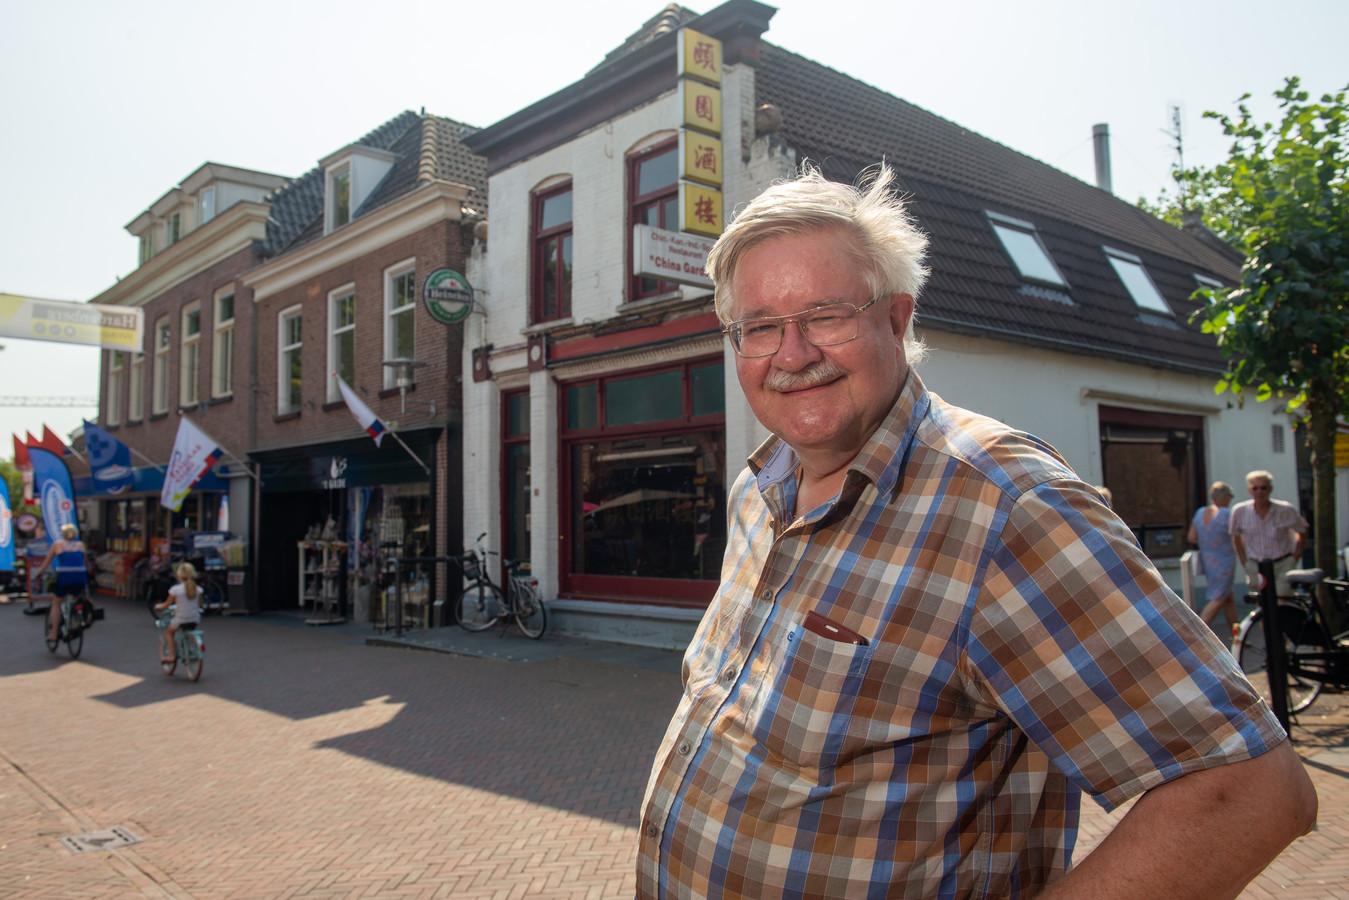 Piet van Weerden wil de gevel van de Chinees in Voorstraat van Hardenberg behouden. Archief COPYRIGHT ALEX MULDER